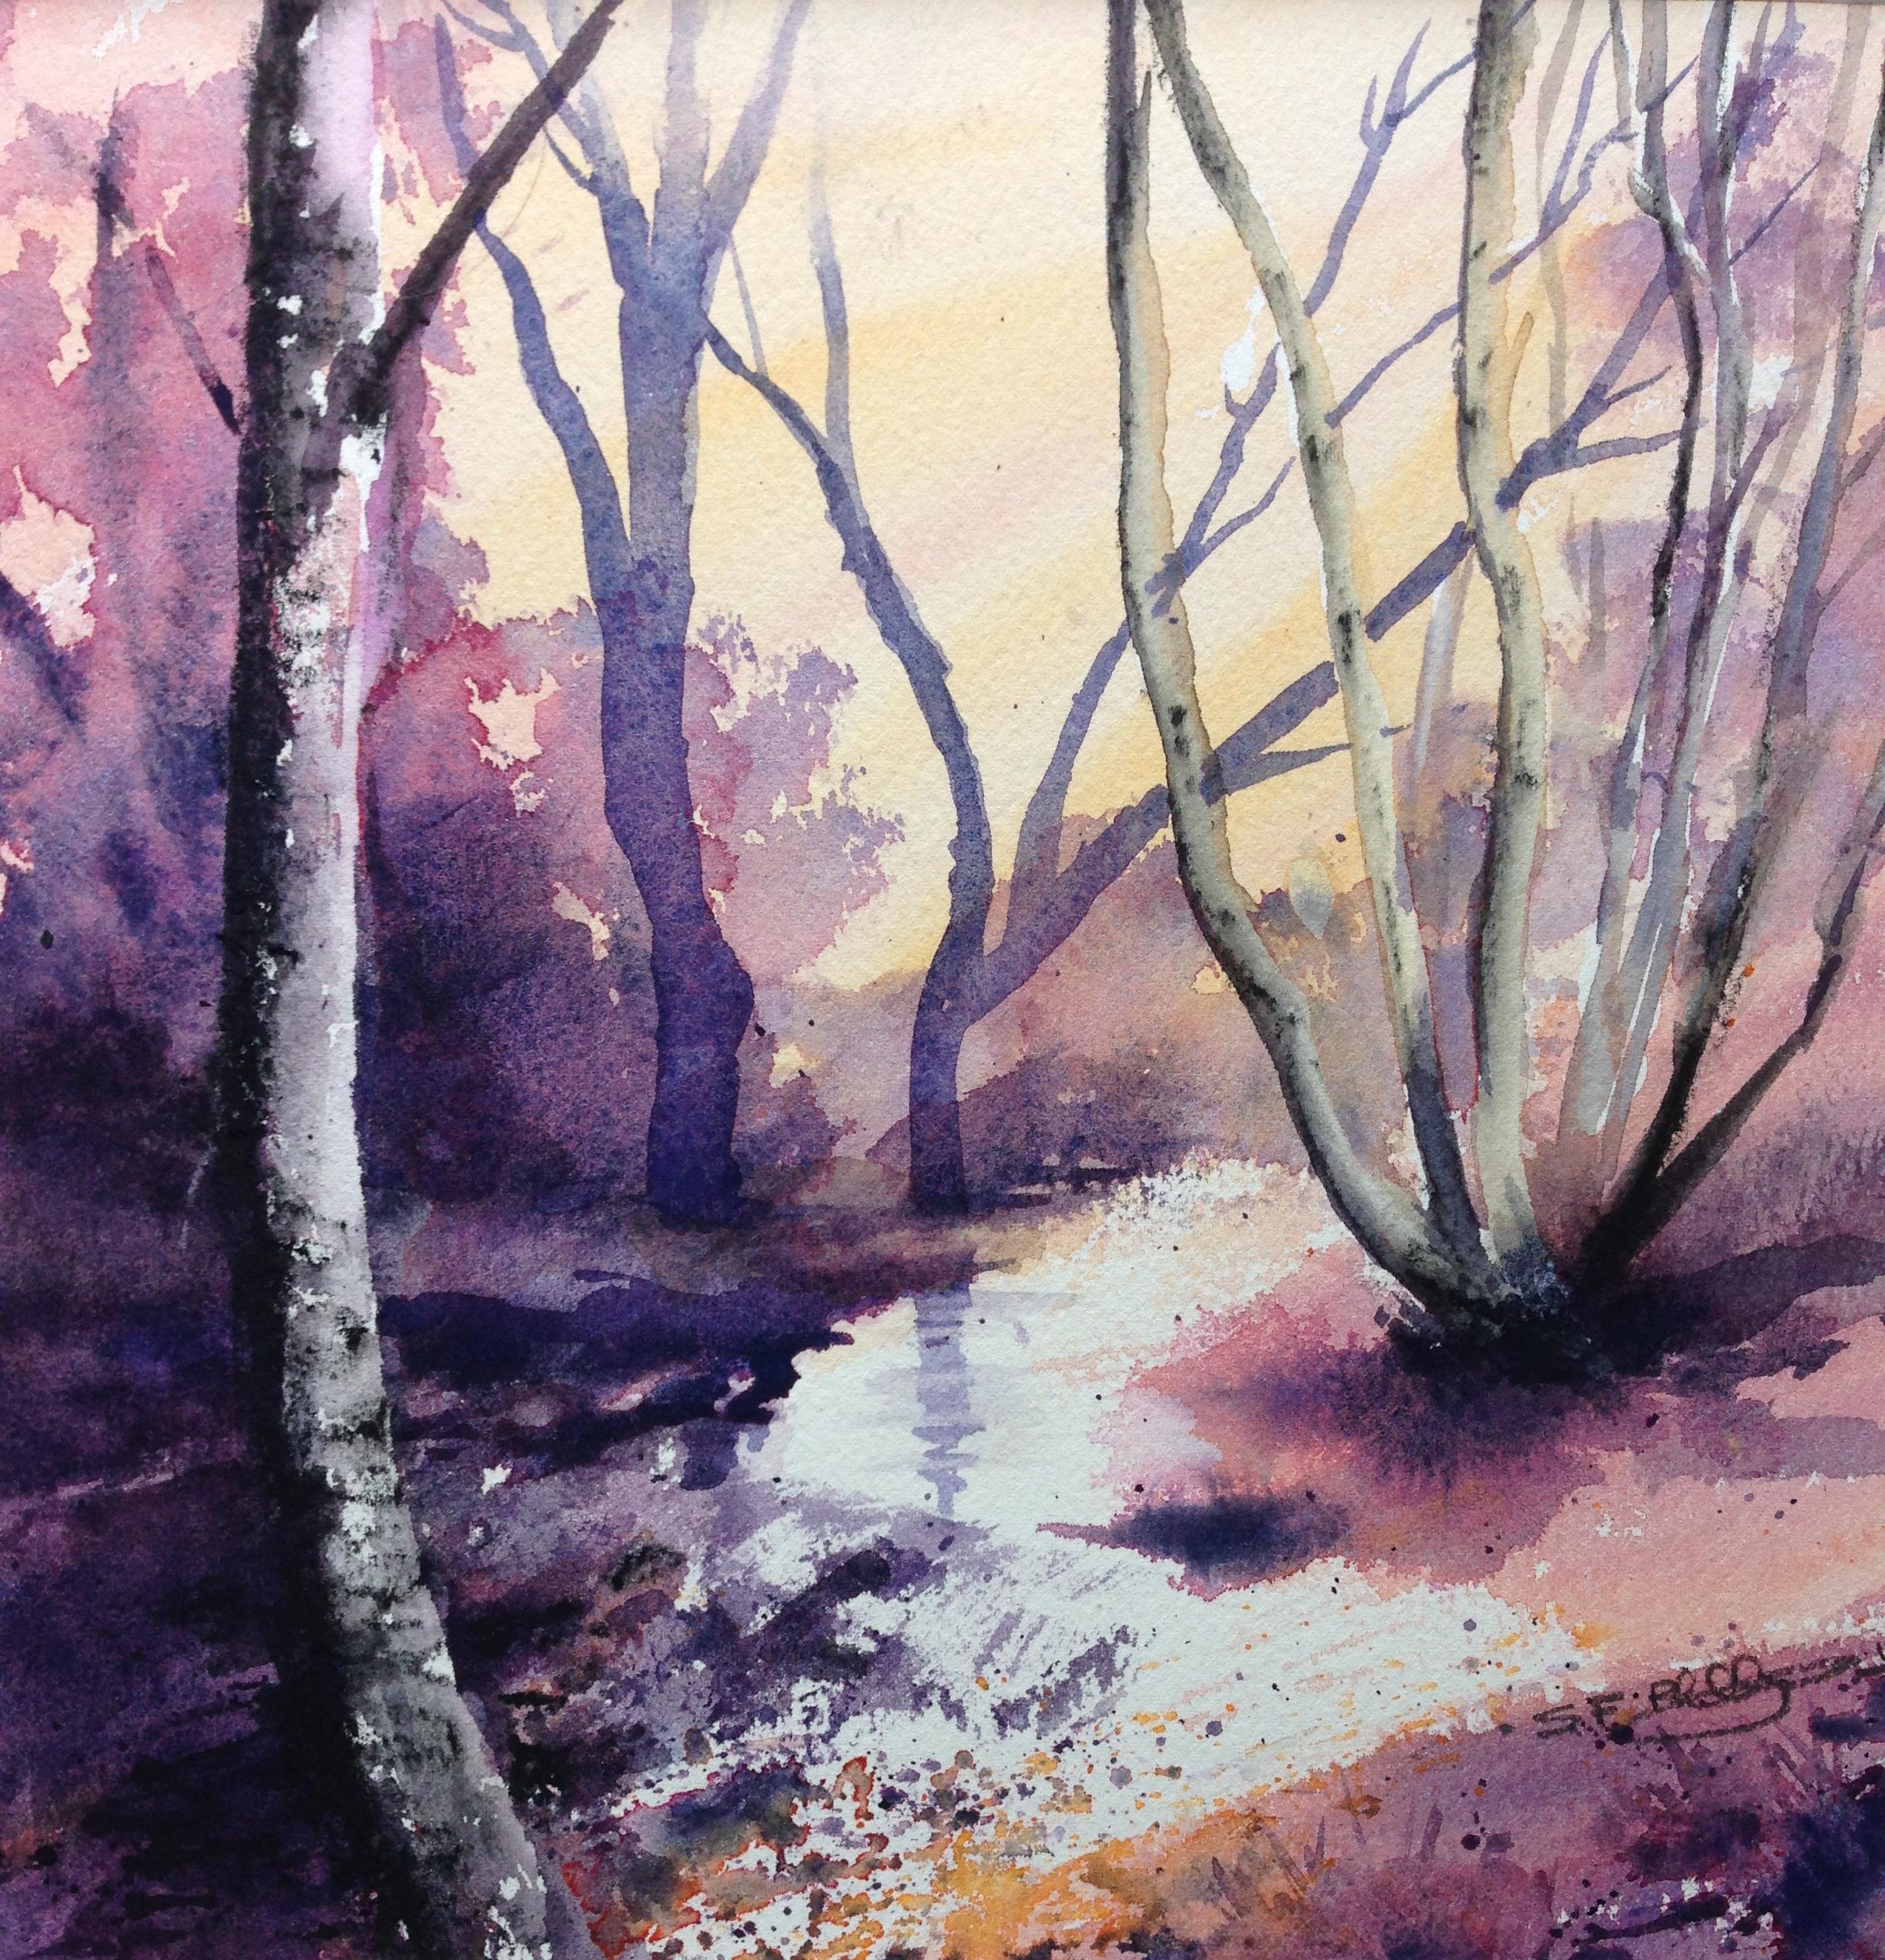 Between the oaks, Birnham. Sheena F. Phillips